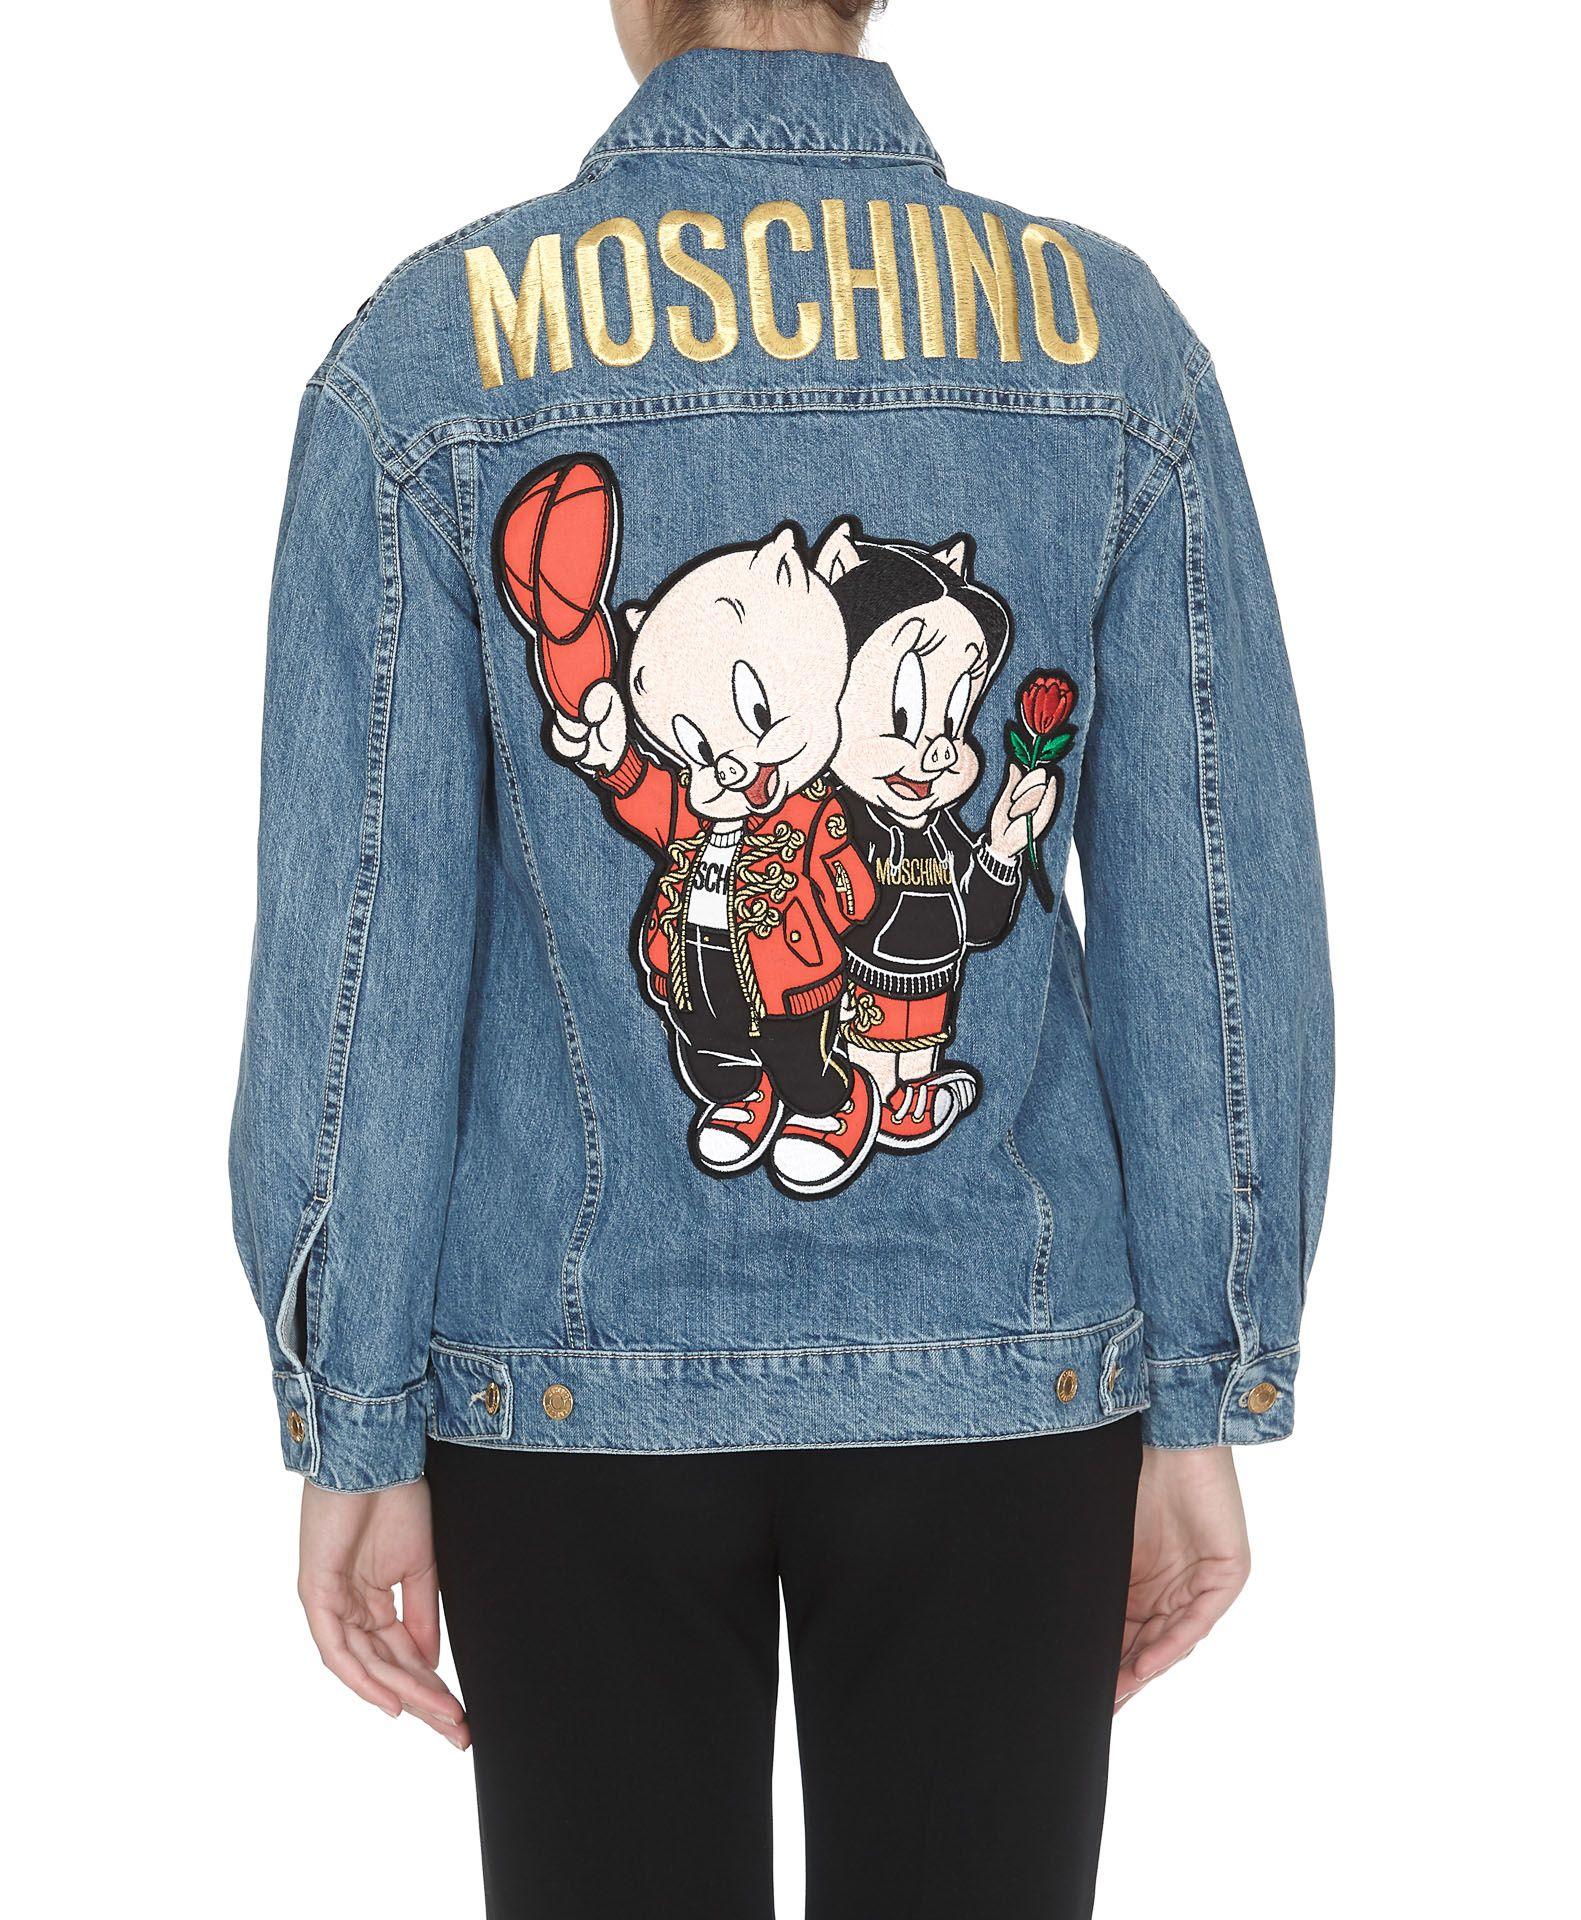 bea6fa729b Moschino Moschino Looney Tunes Chinese New Year Denim Jacket - Blue ...